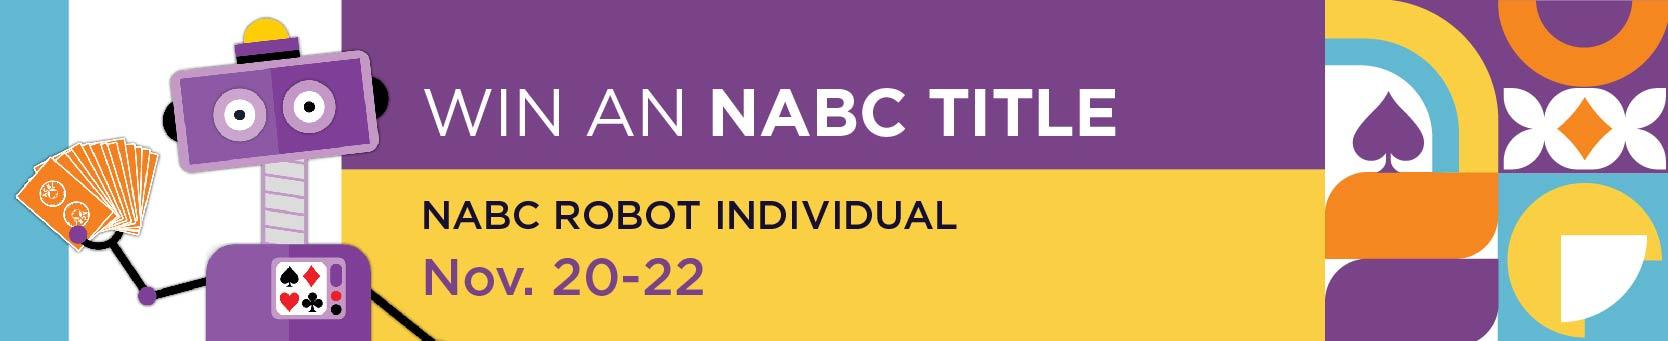 Fall NABC Robot Individual